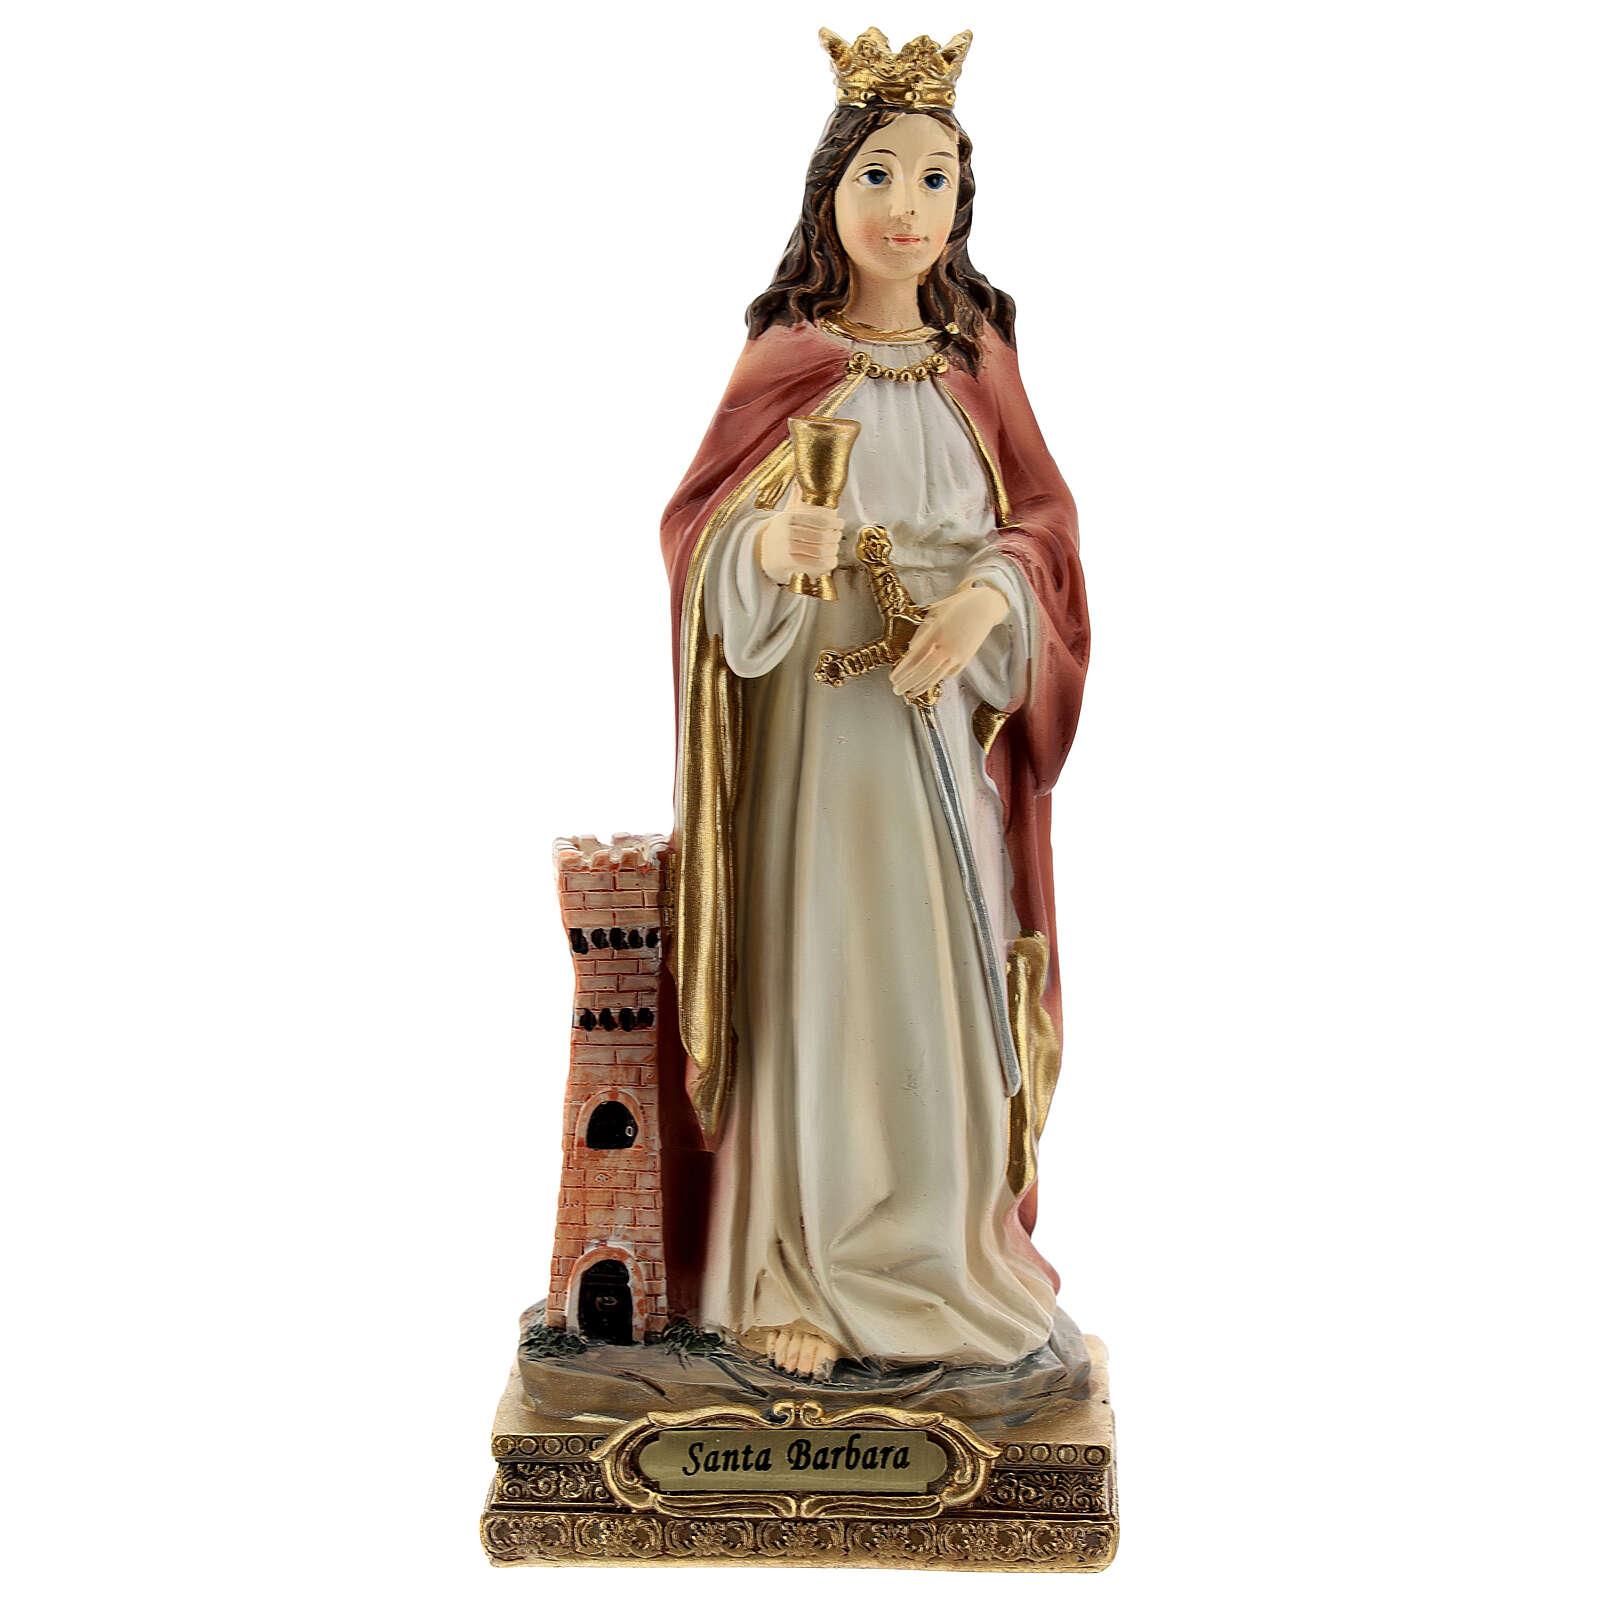 Santa Barbara torre statua resina 15 cm 4